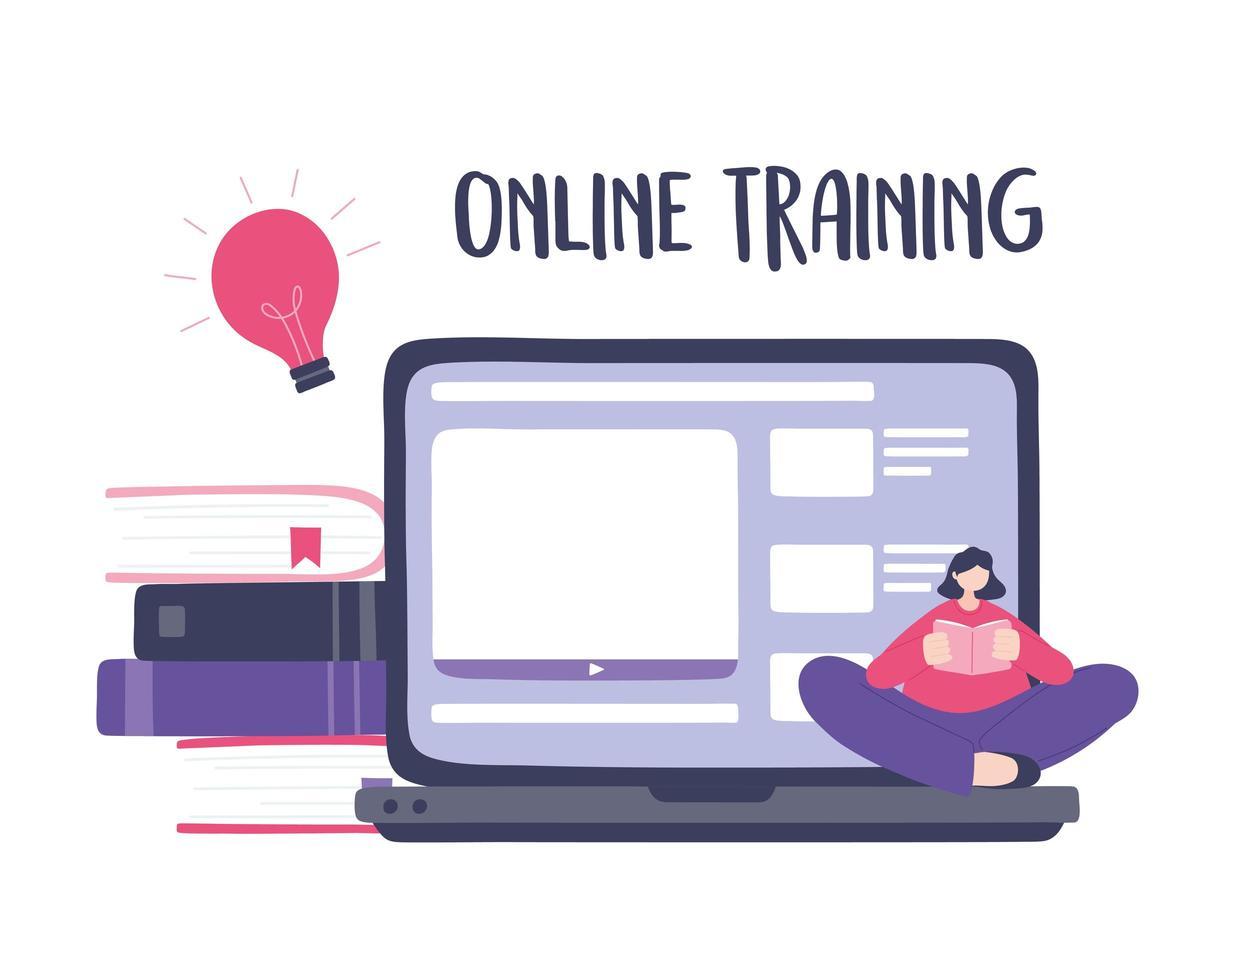 formazione online con ragazza che legge un libro sul contenuto del laptop vettore